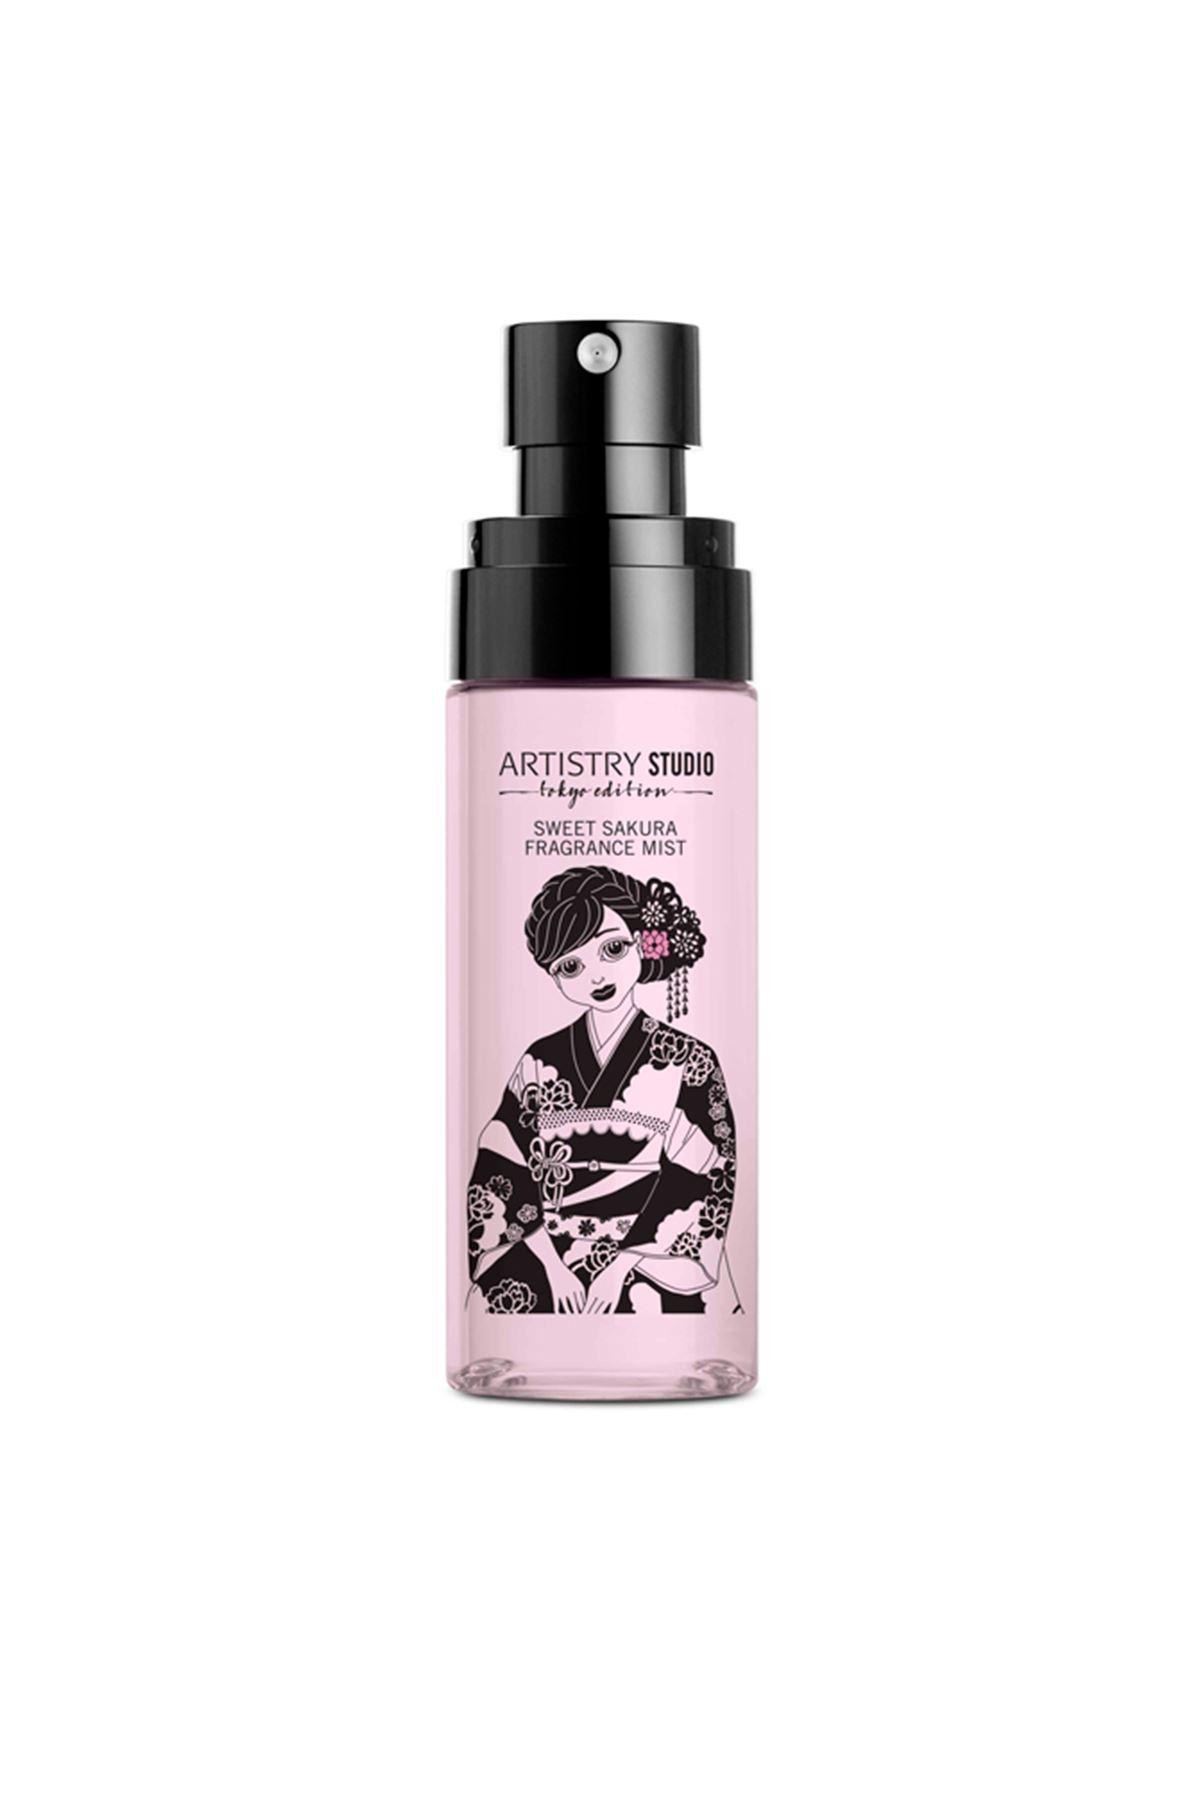 Kiraz Çiçeği Aromalı Vücut Spreyi ARTISTRY STUDIO™ Tokyo Edition